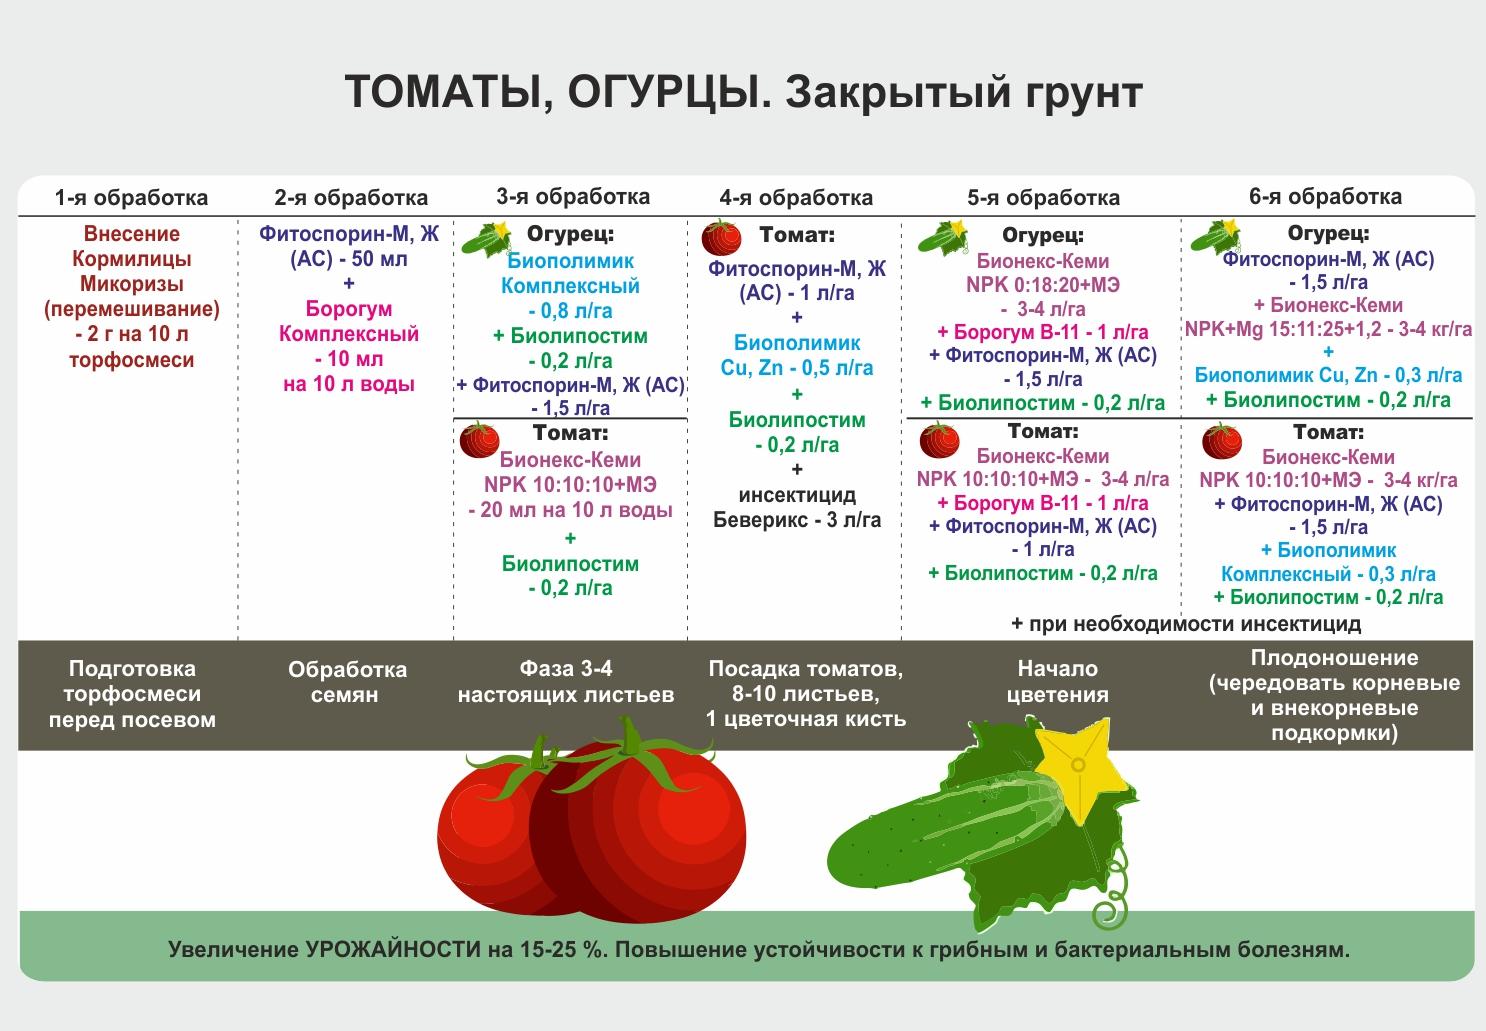 Томат гордость сибири: отзывы, фото кустов и плодов, плюсы и минусы выращивания данного сорта и секреты агротехники